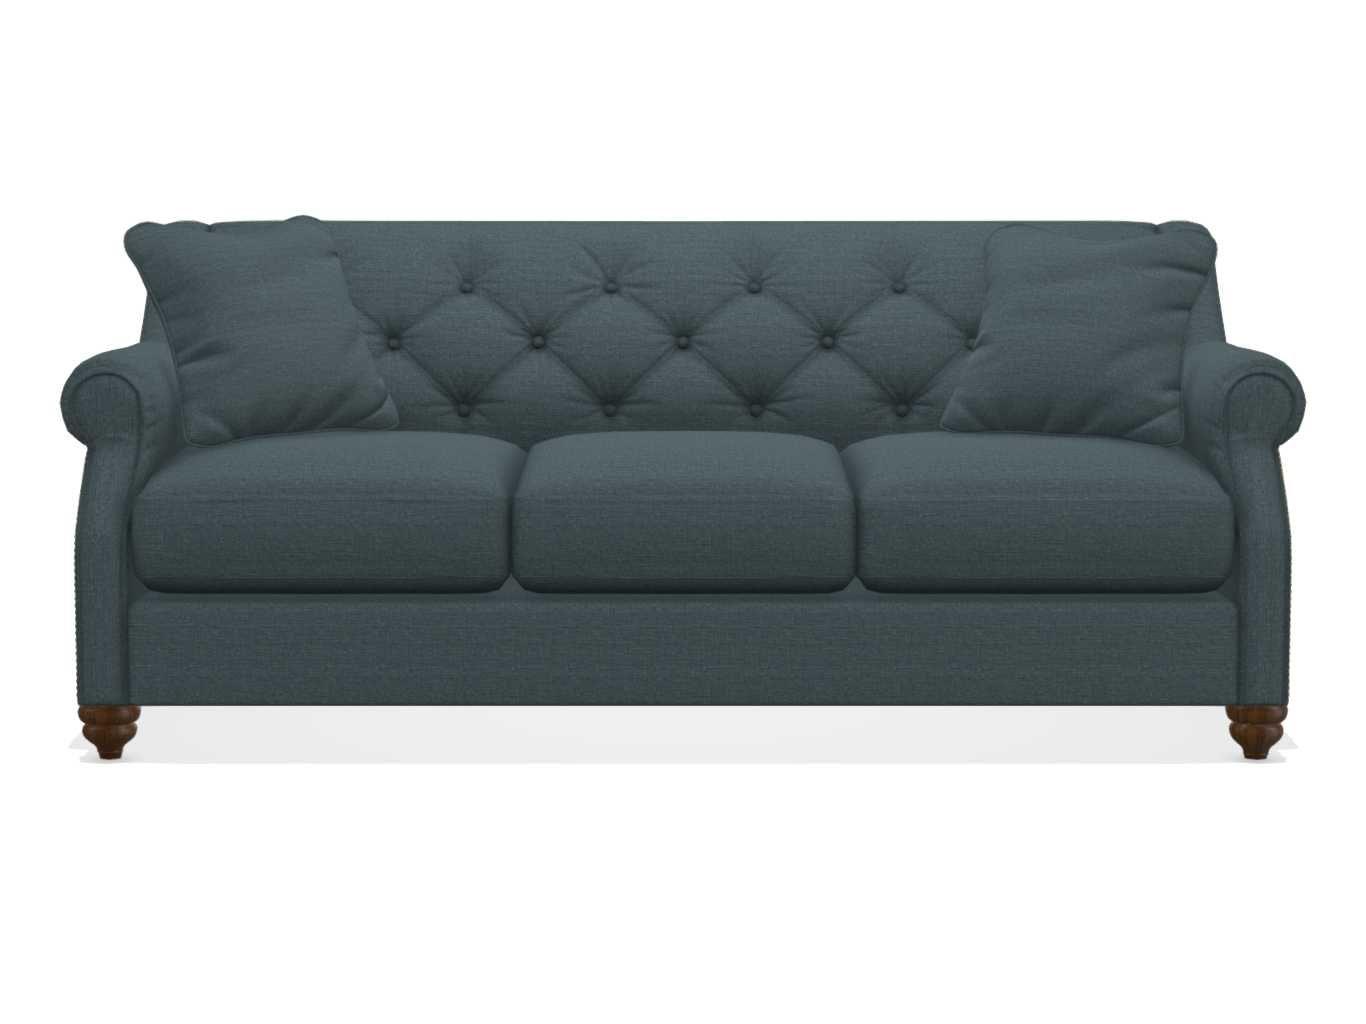 Aberdeen Sofa La Z Boy Avec Images